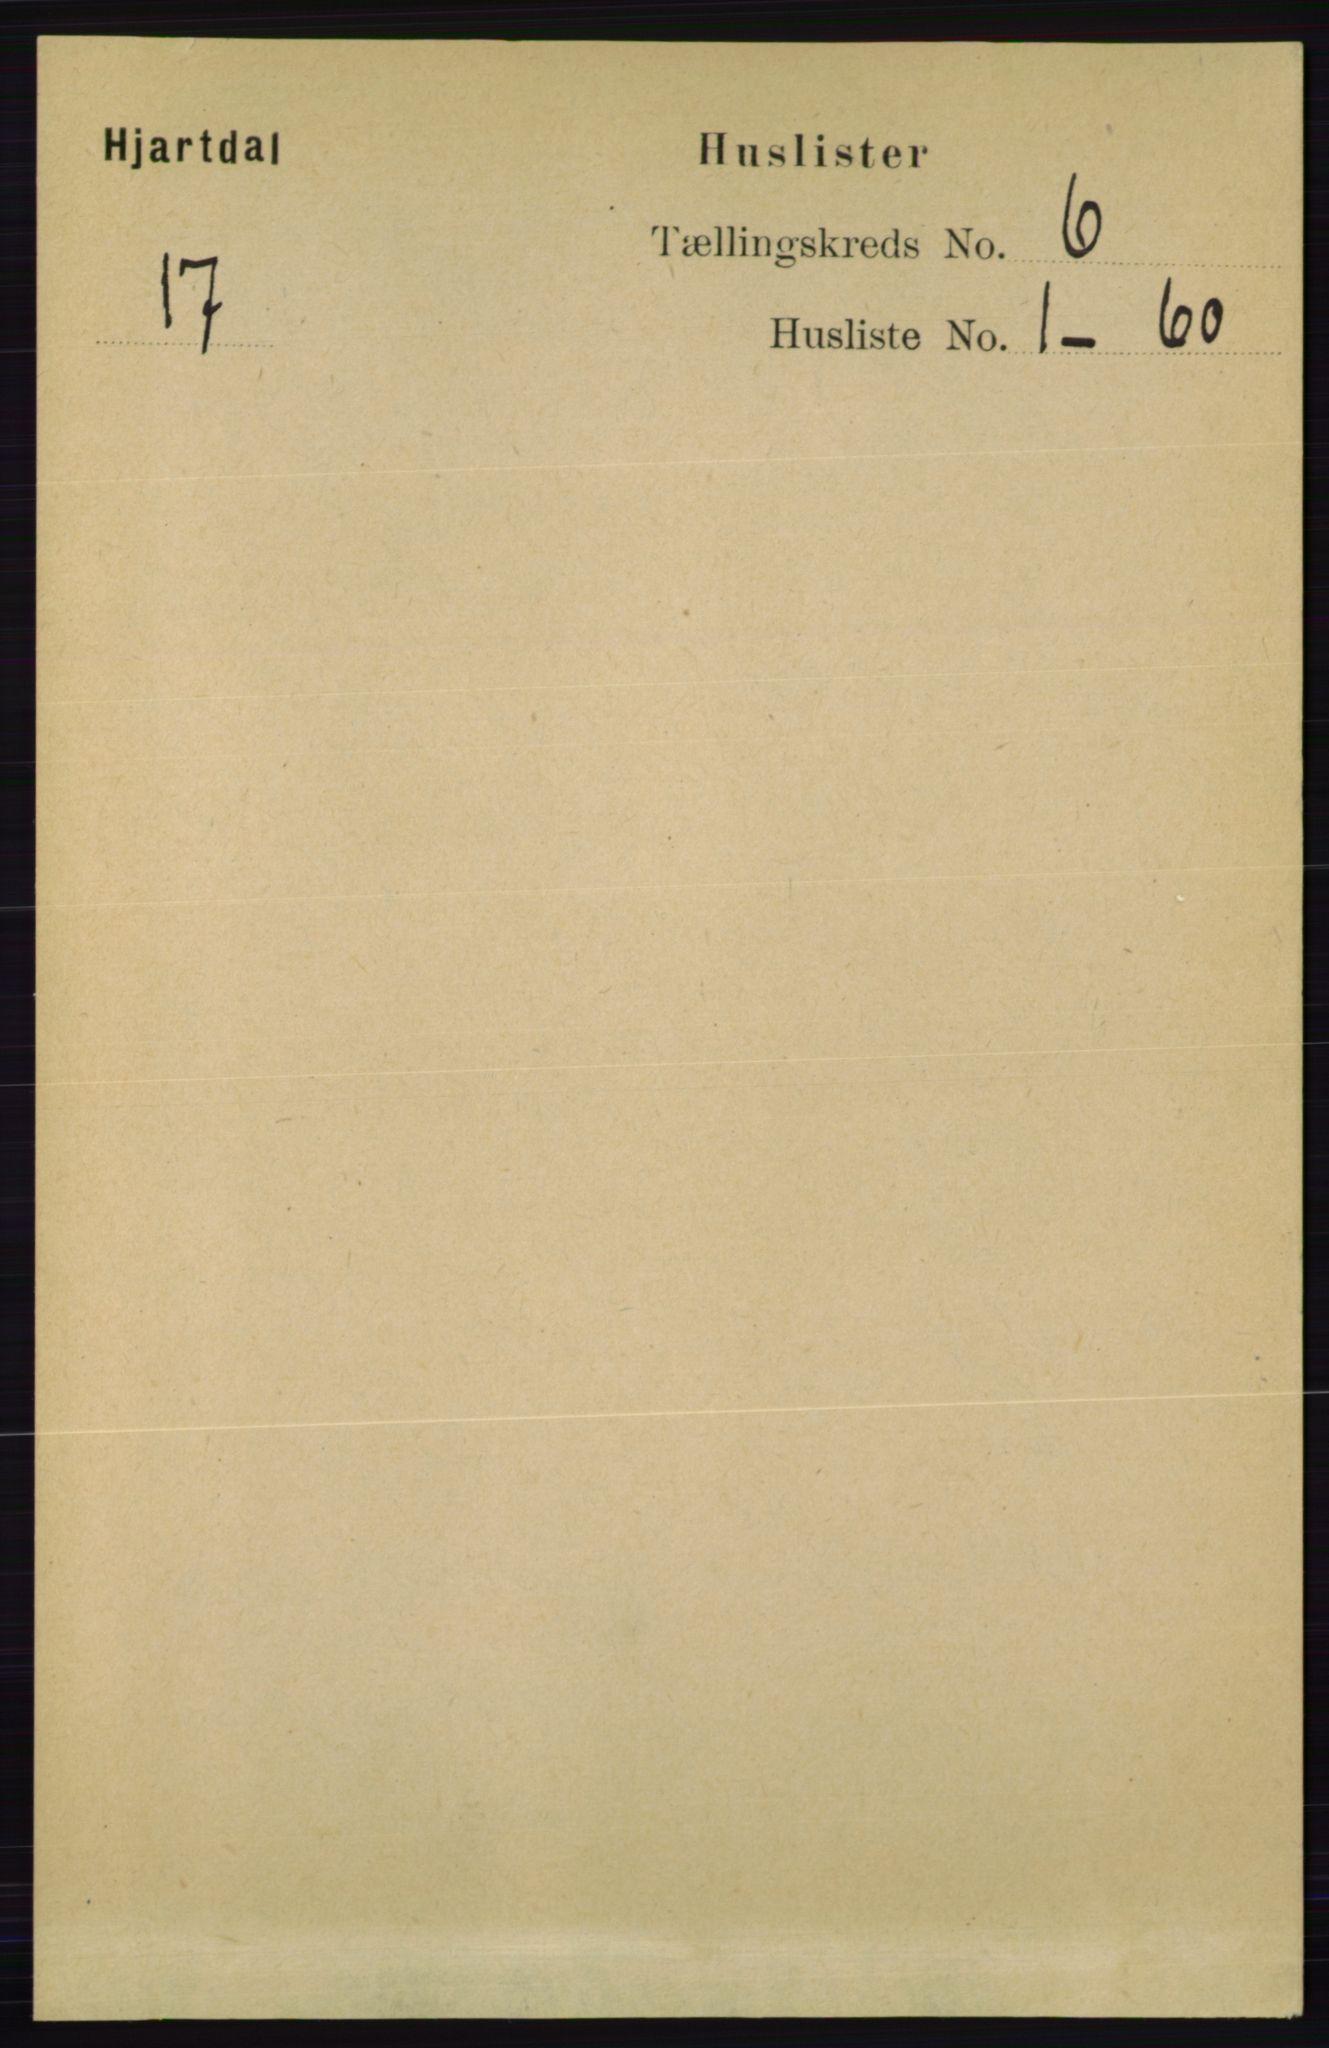 RA, Folketelling 1891 for 0827 Hjartdal herred, 1891, s. 2124